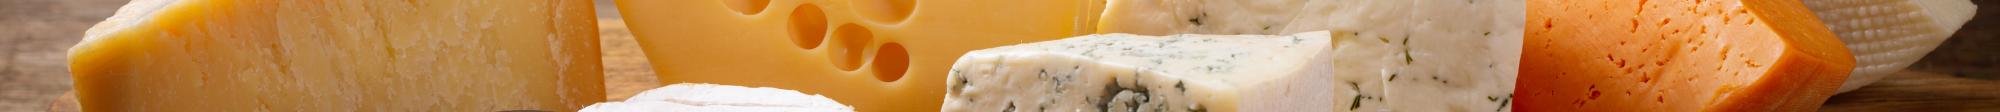 Comprar  quesos España gourmet online   Mixtura Gourmet